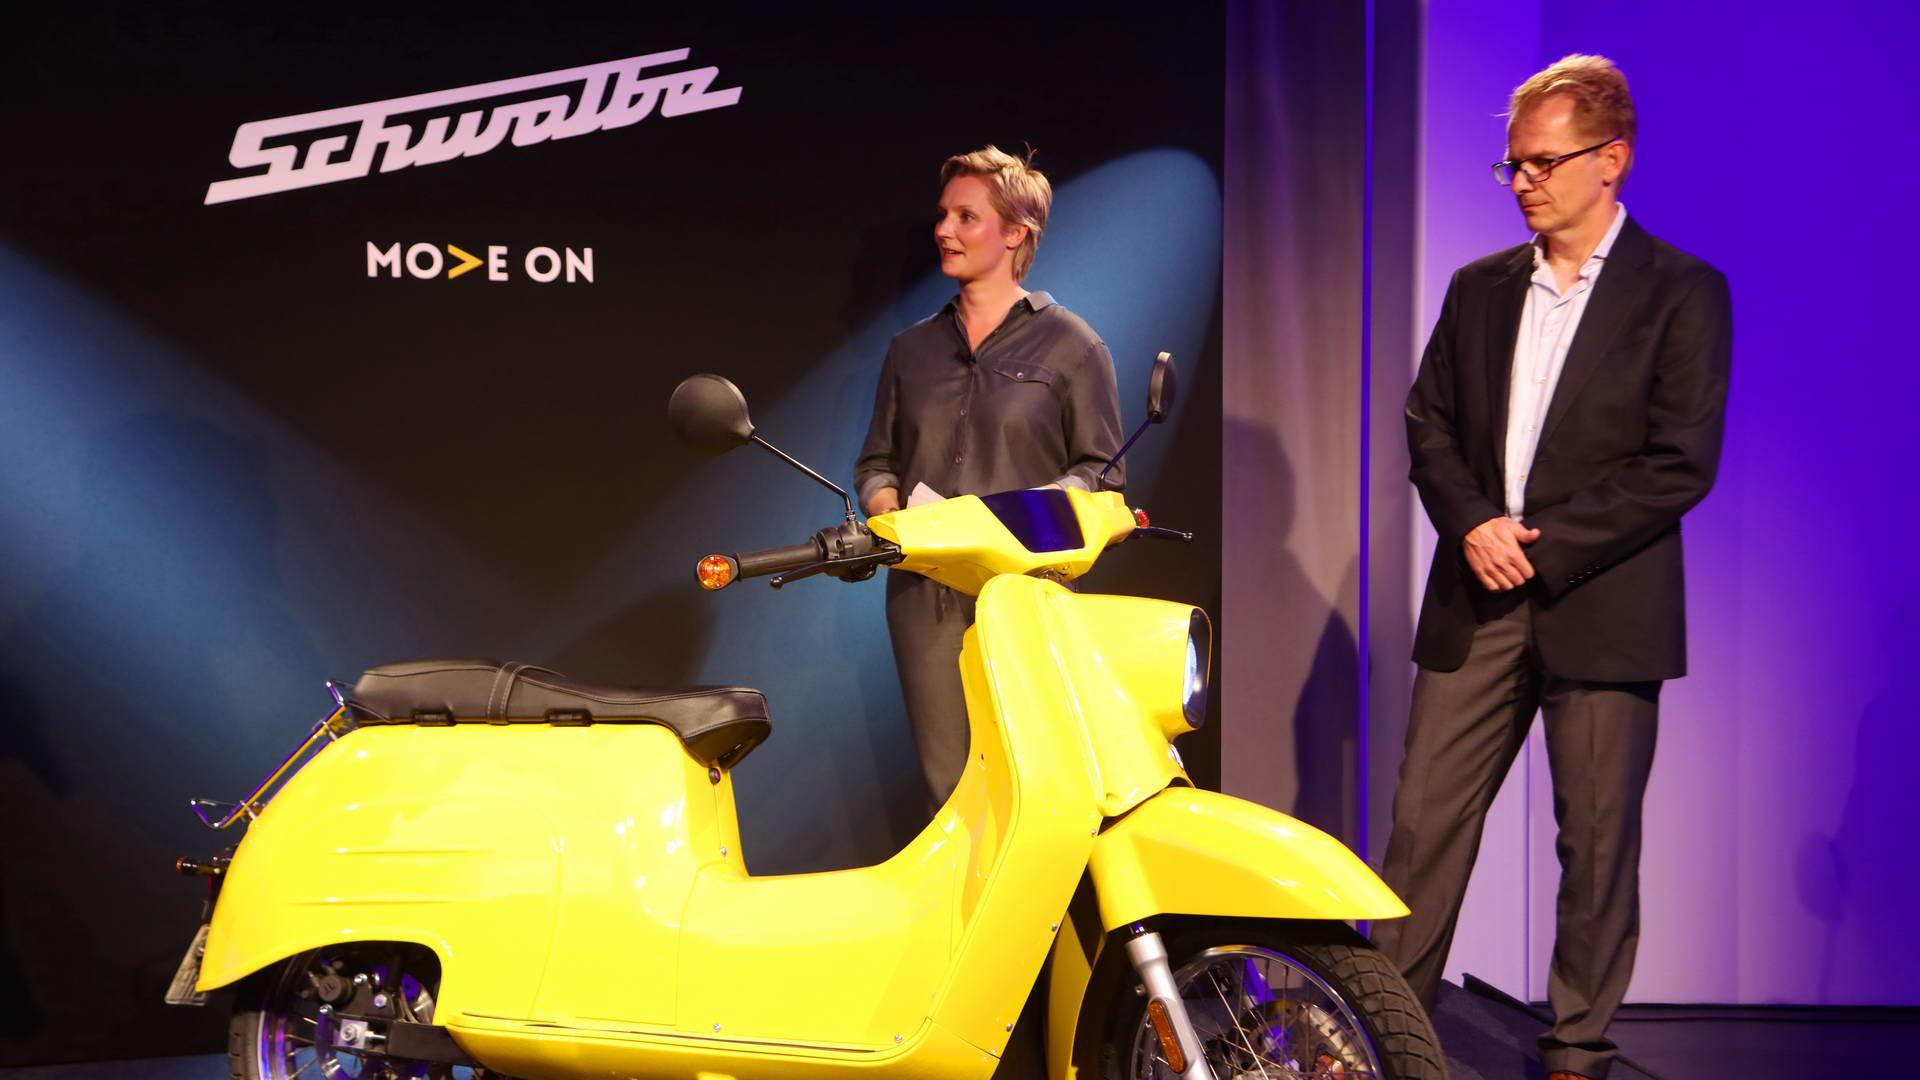 Schwalbe Scooter Präsentation Schwalbe Scooter Event in der KPM Berlin zur Enthüllung der neuen elektrischen Version des Motorrollerklassikers aus DDR-Zeiten.